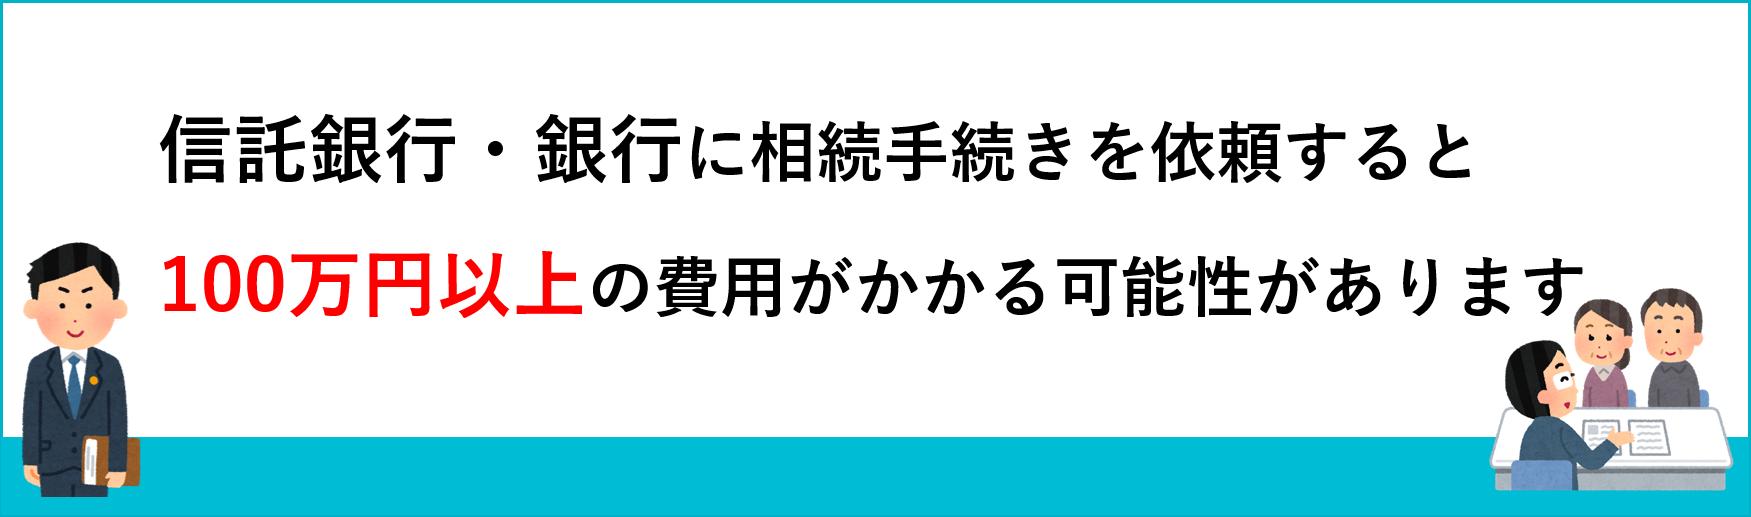 佐賀 共栄 銀行